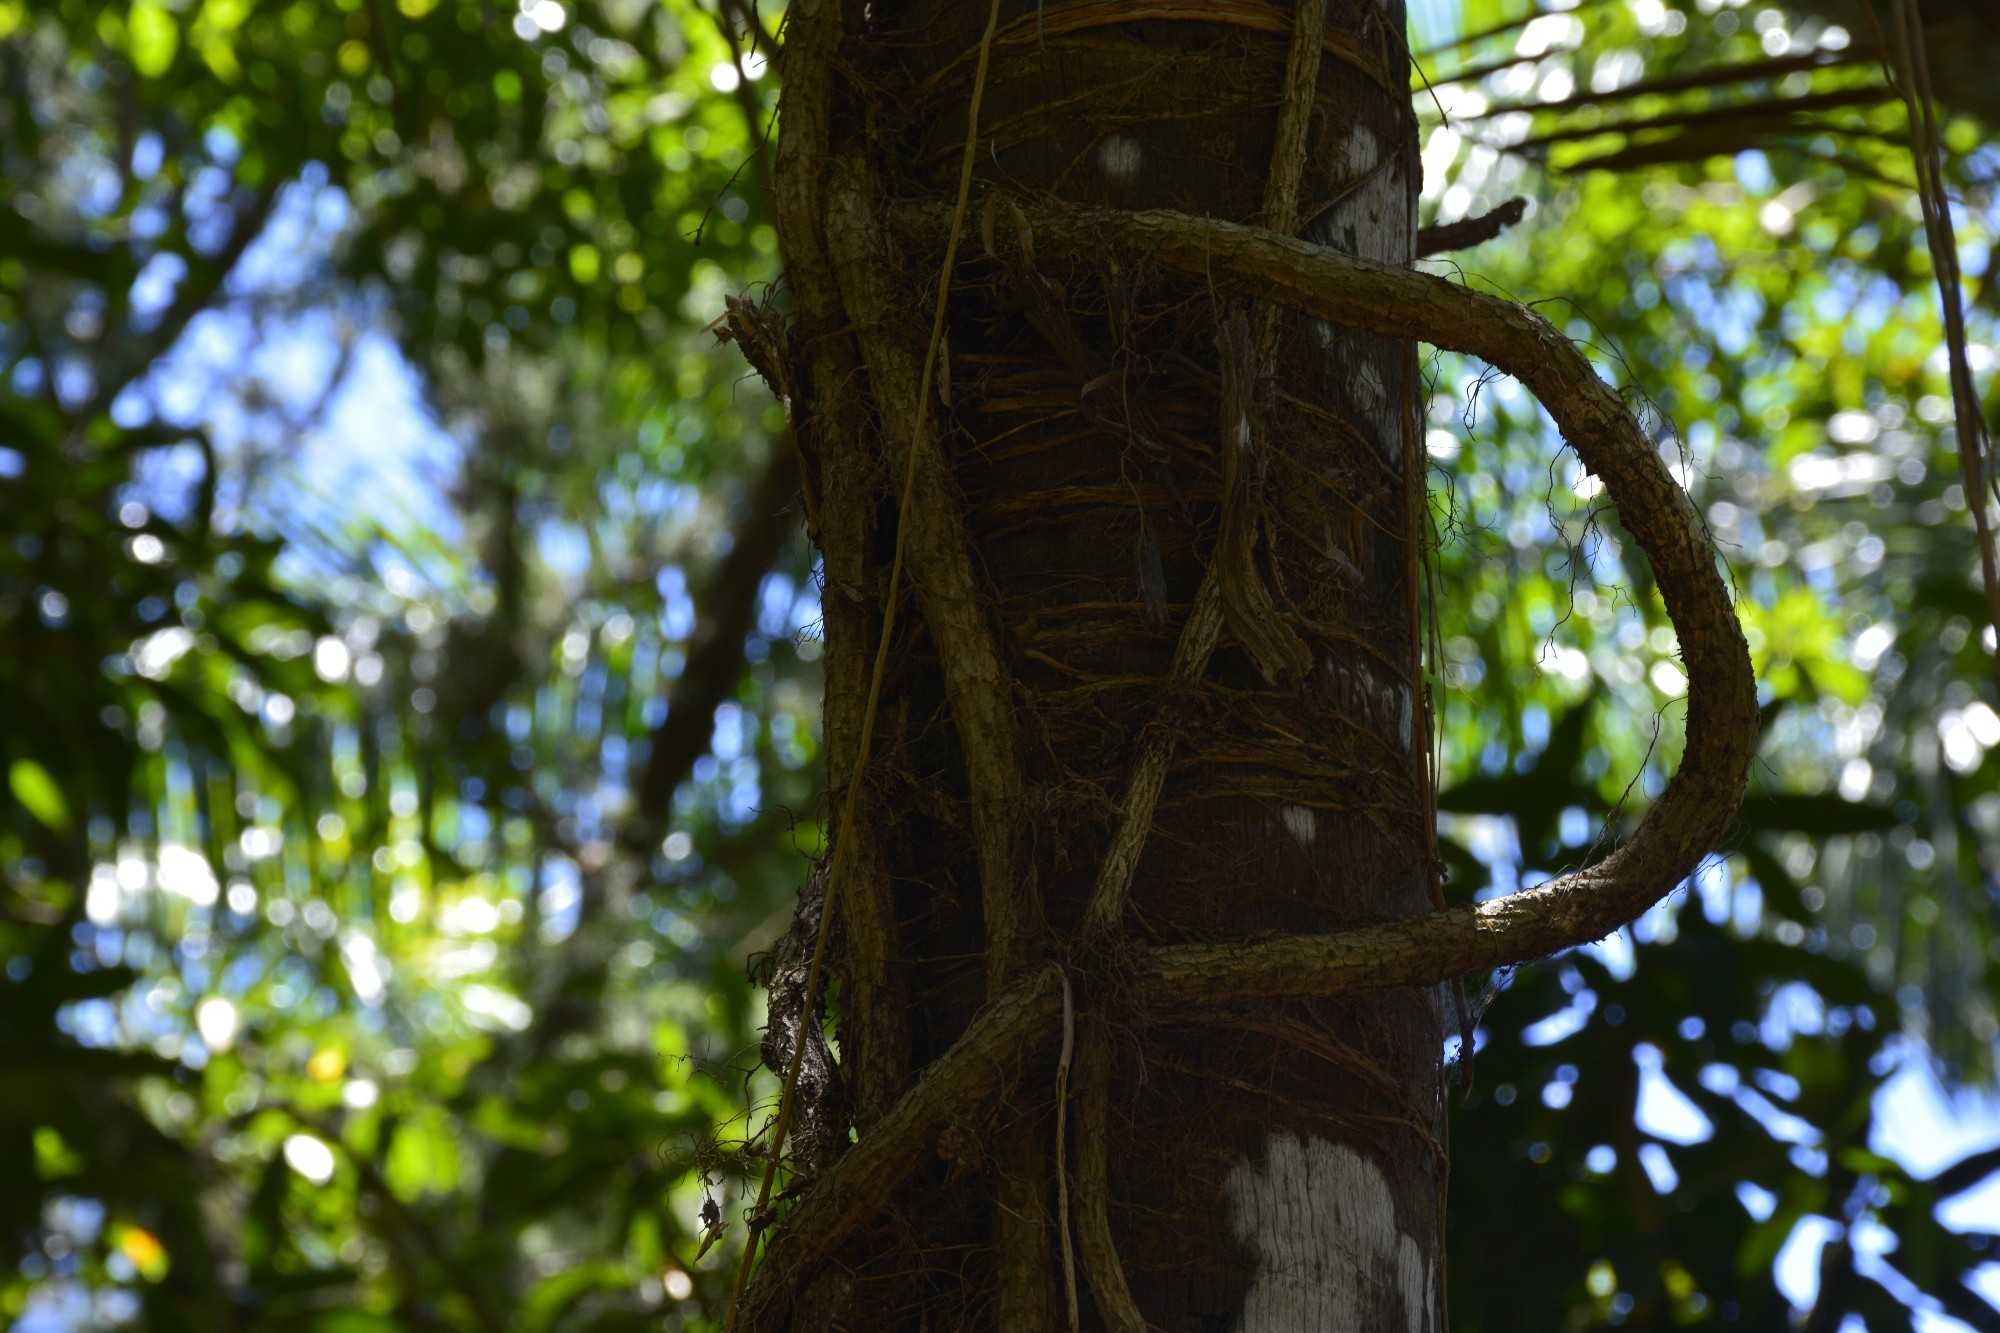 noeud-de-racine-sous-lesl-tropiques